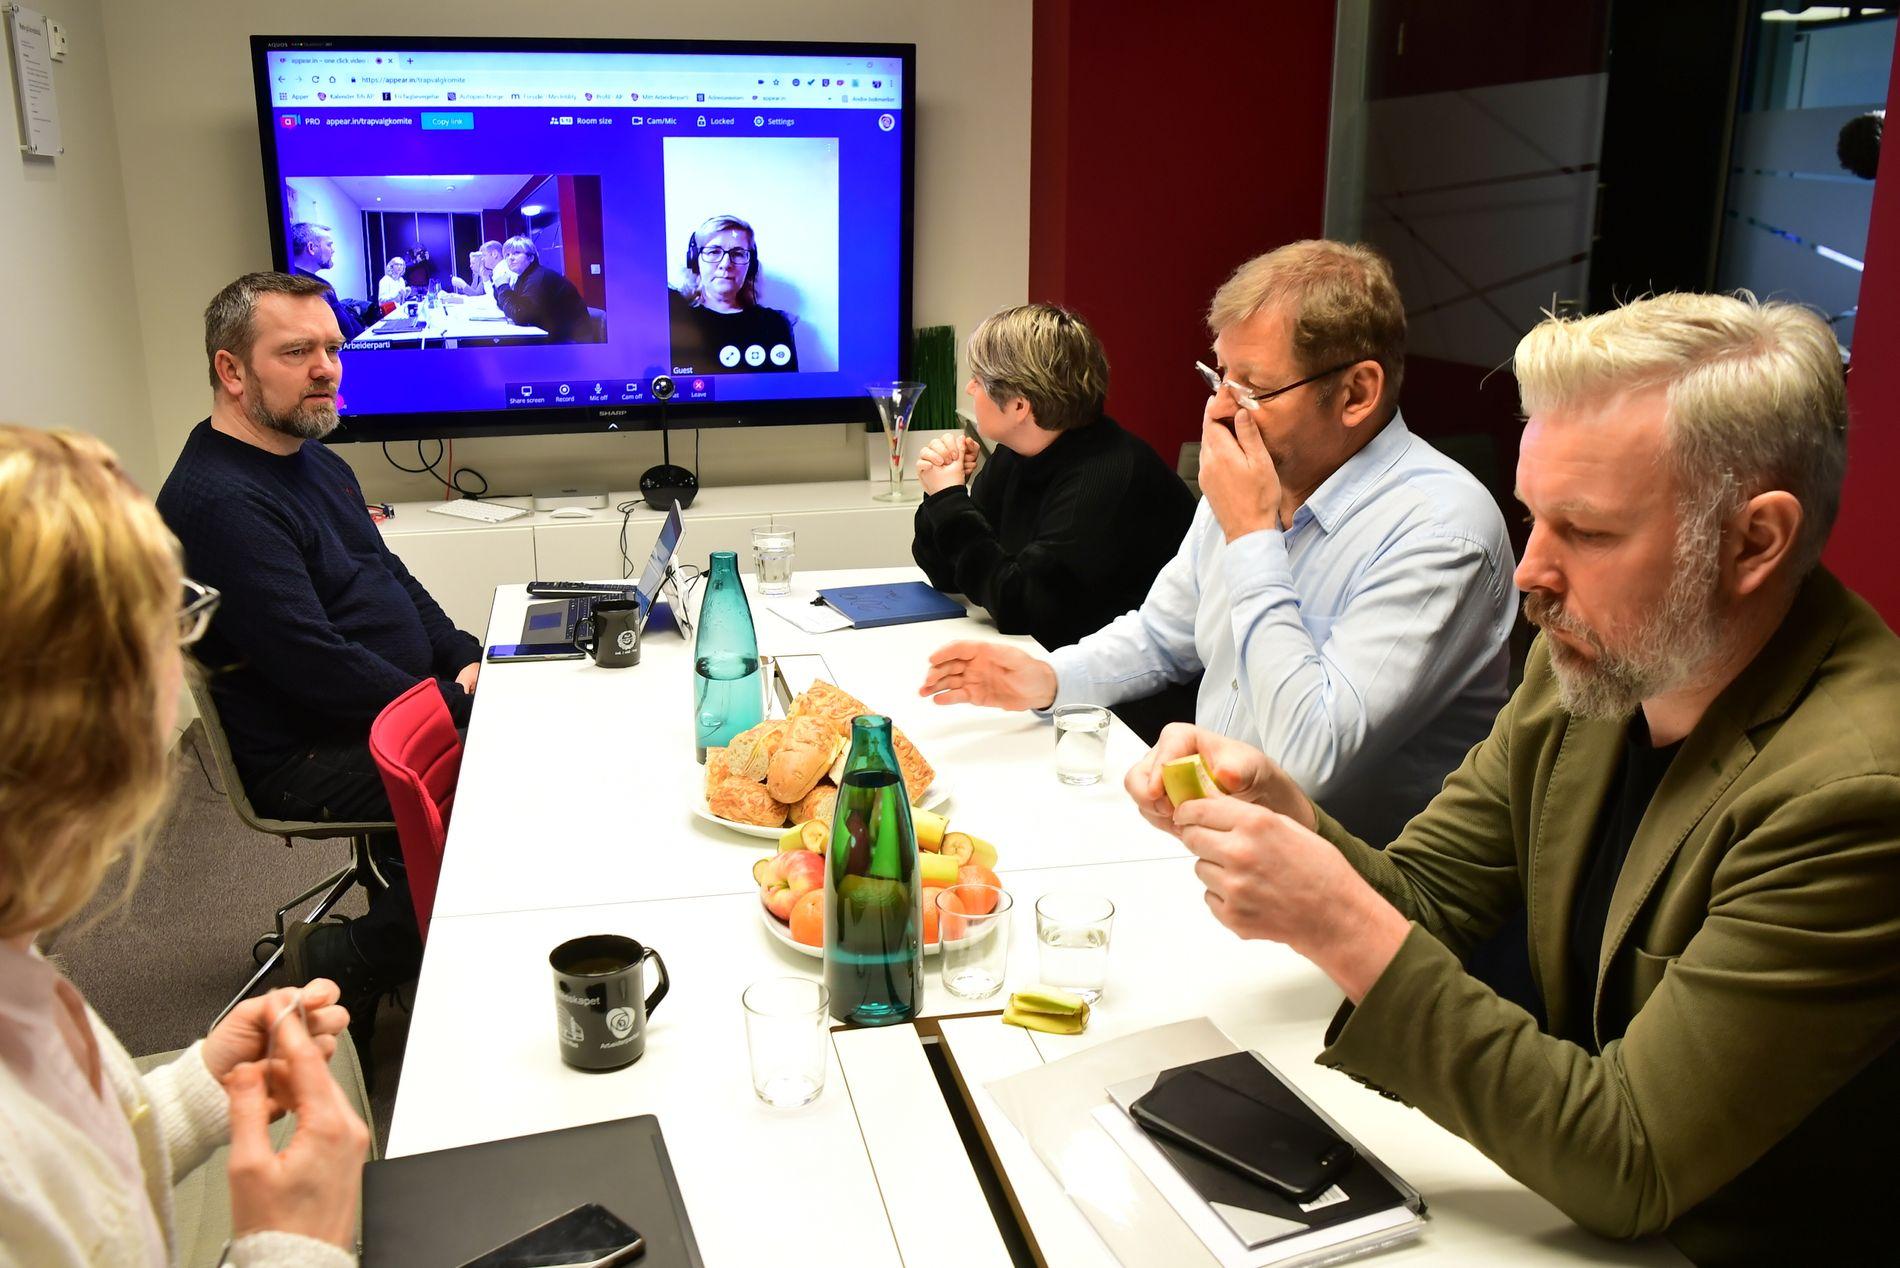 SAMLET: Valgkomiteen jobber sammen i Trøndelag, med noen deltagere med på skype.